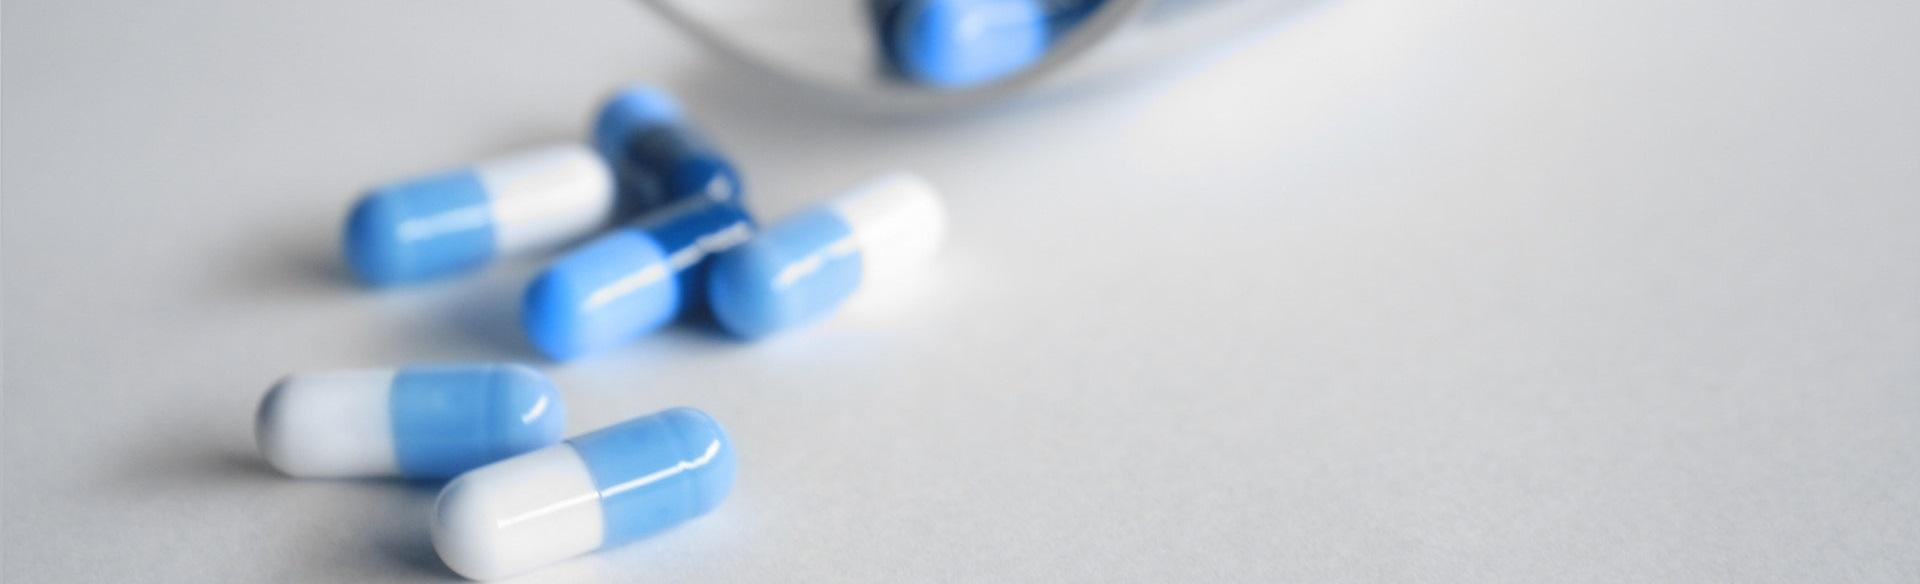 blue pill final edit